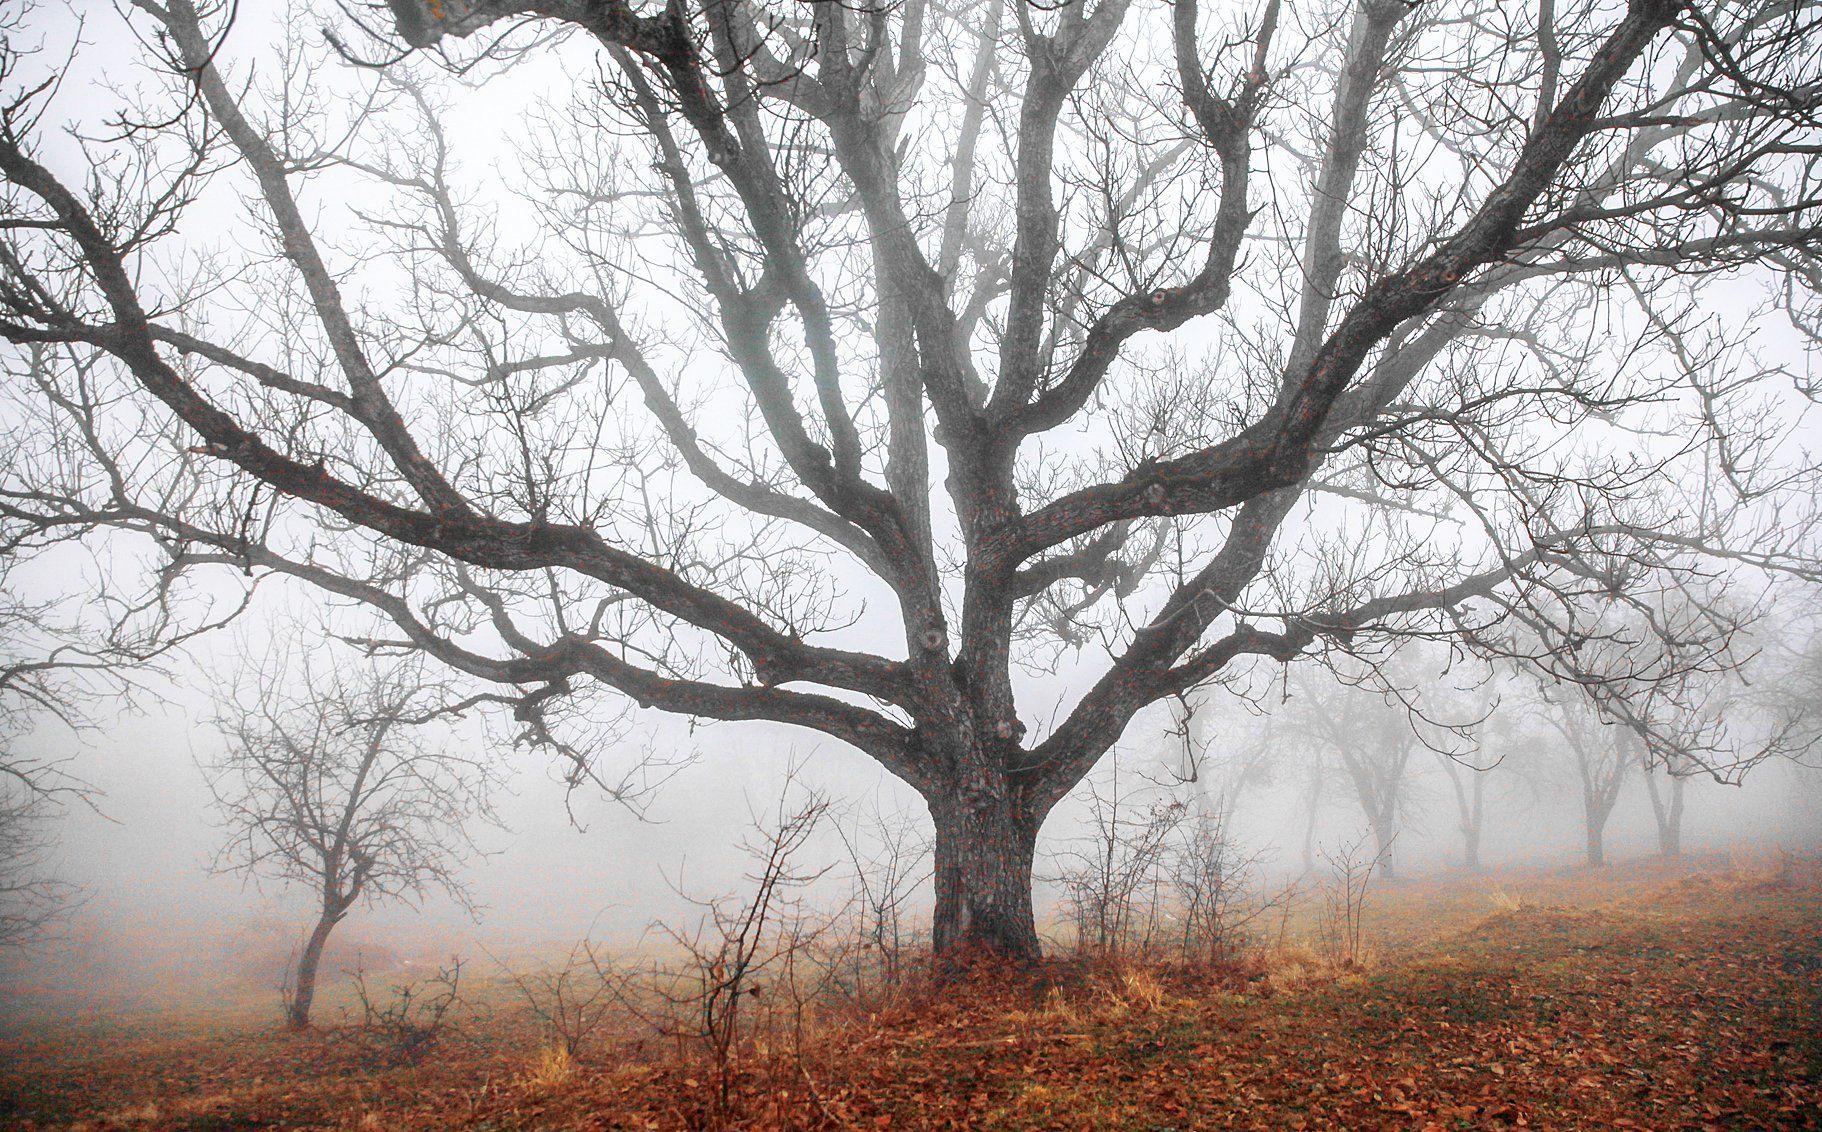 орех,дерево,старое дерево,туман,деревья,дагестан,, Magov Marat